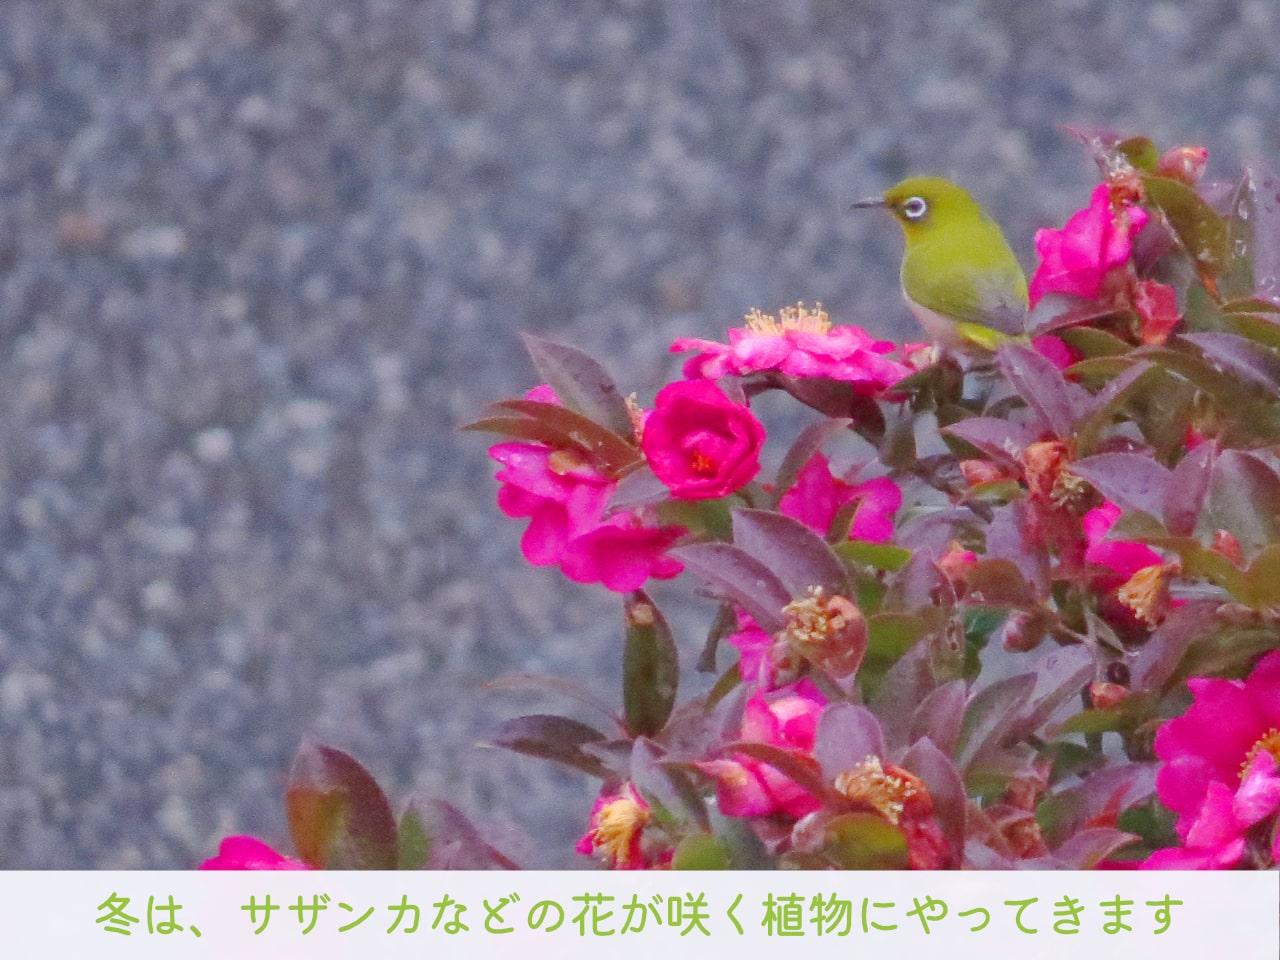 サザンカの花にやってきたメジロの写真